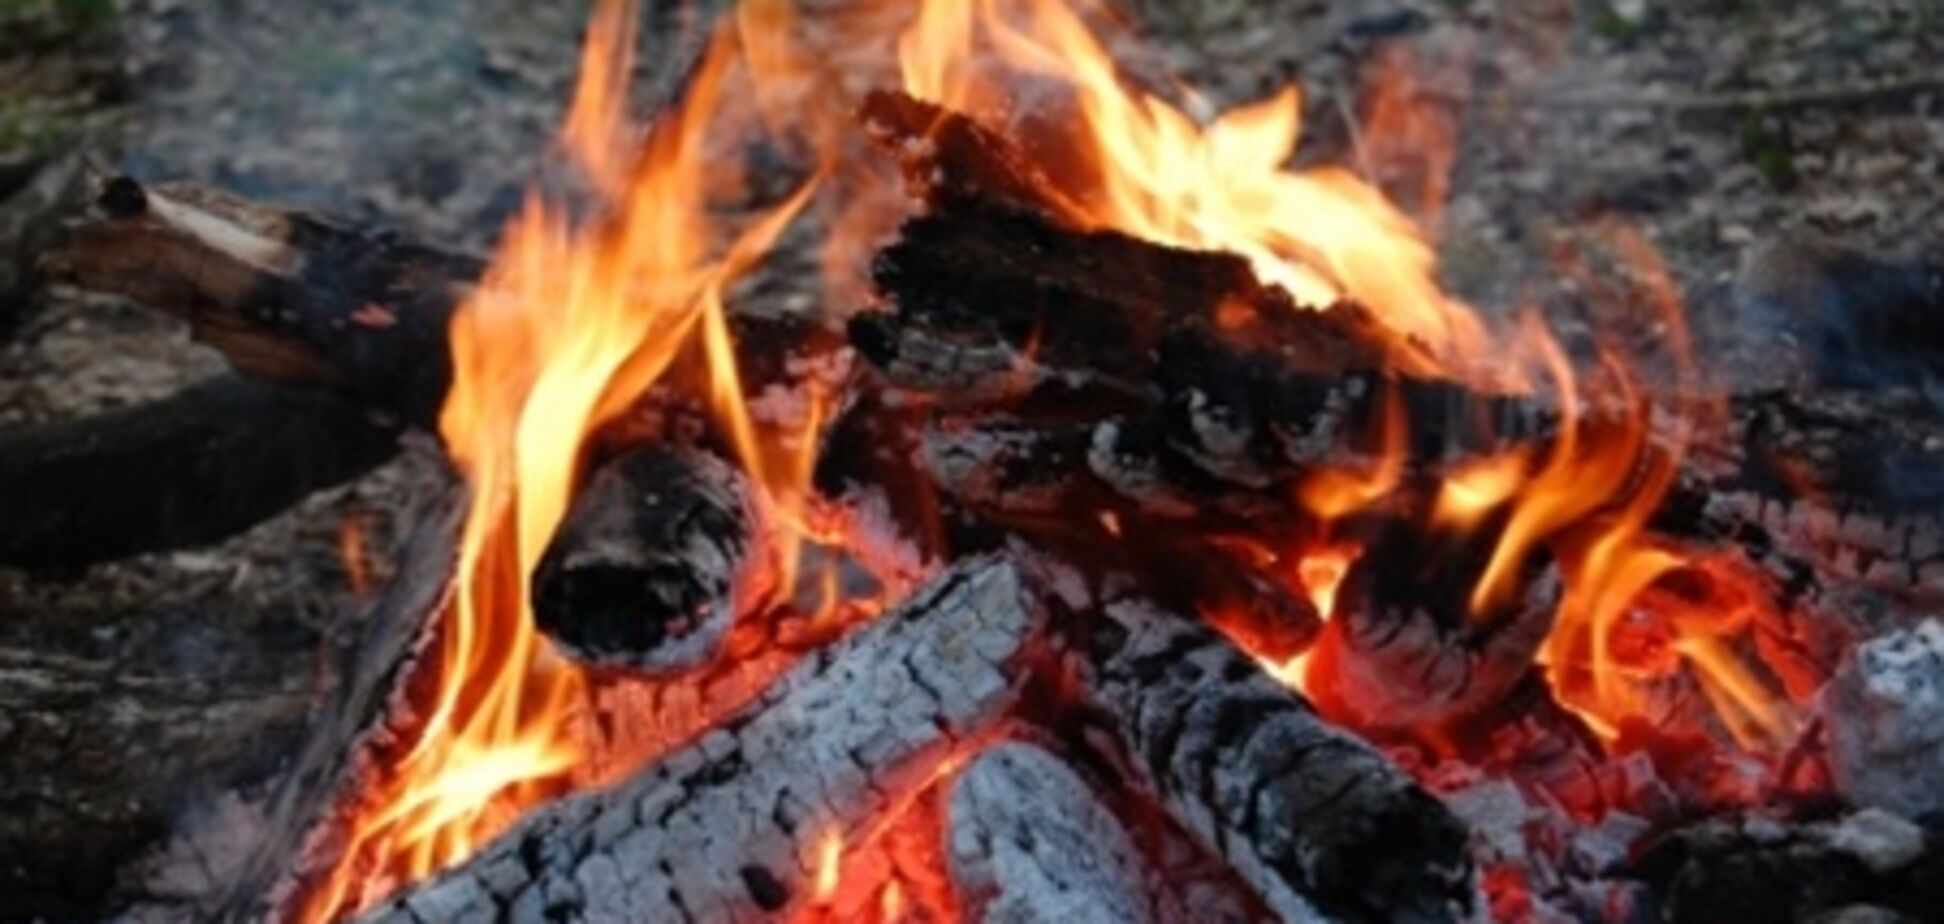 На Луганщине сгорел депутат-регионал